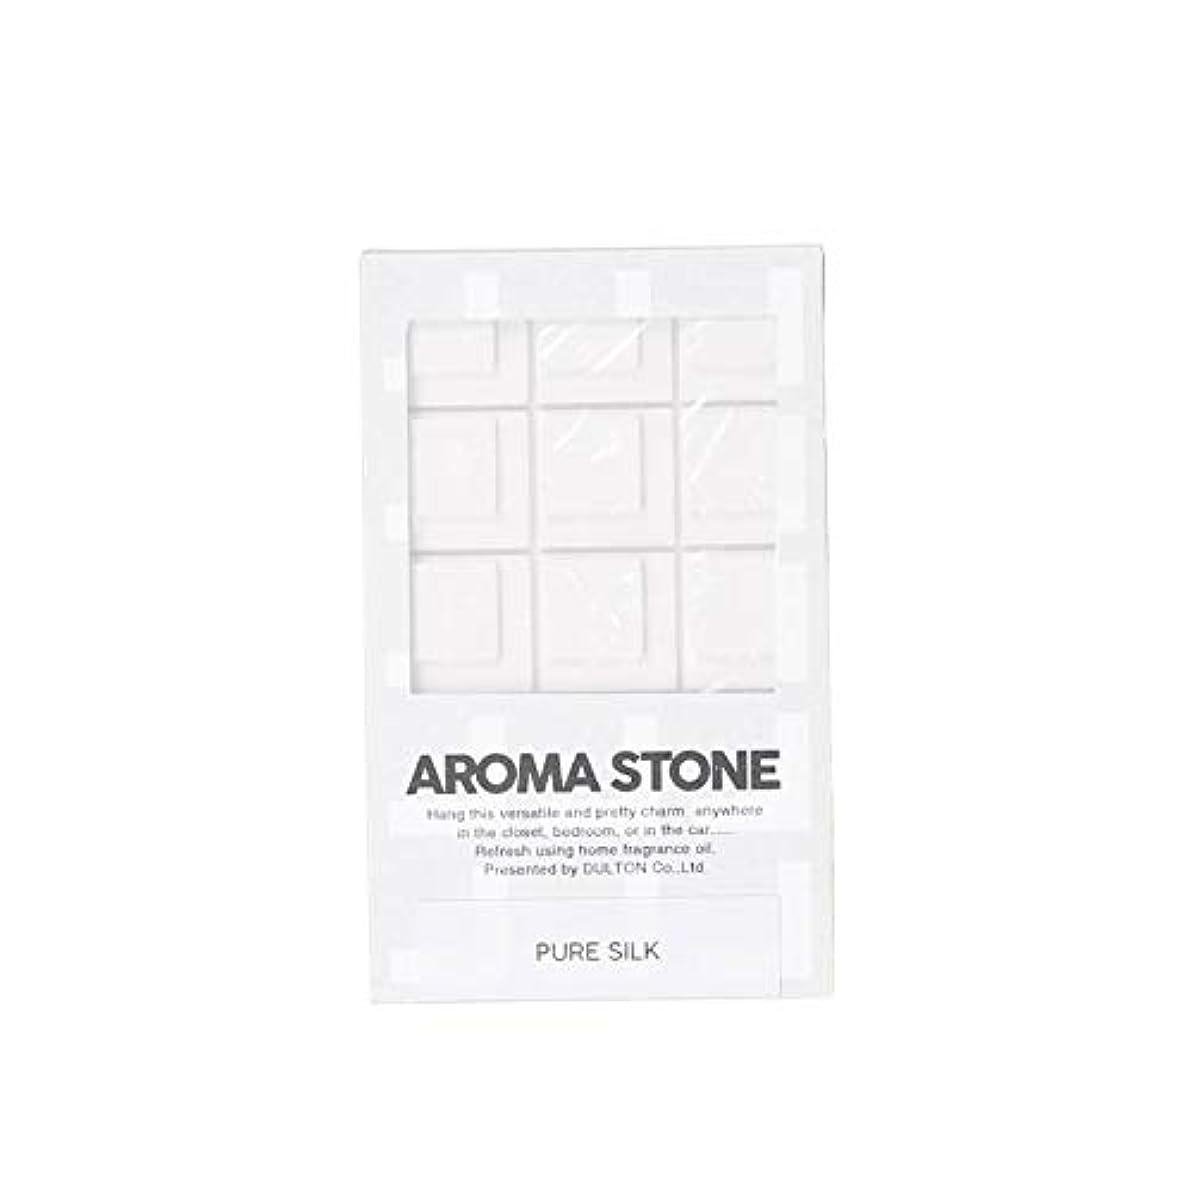 候補者幸運な蒸し器ダルトン Aroma stone アロマストーン G975-1268 Pure silk